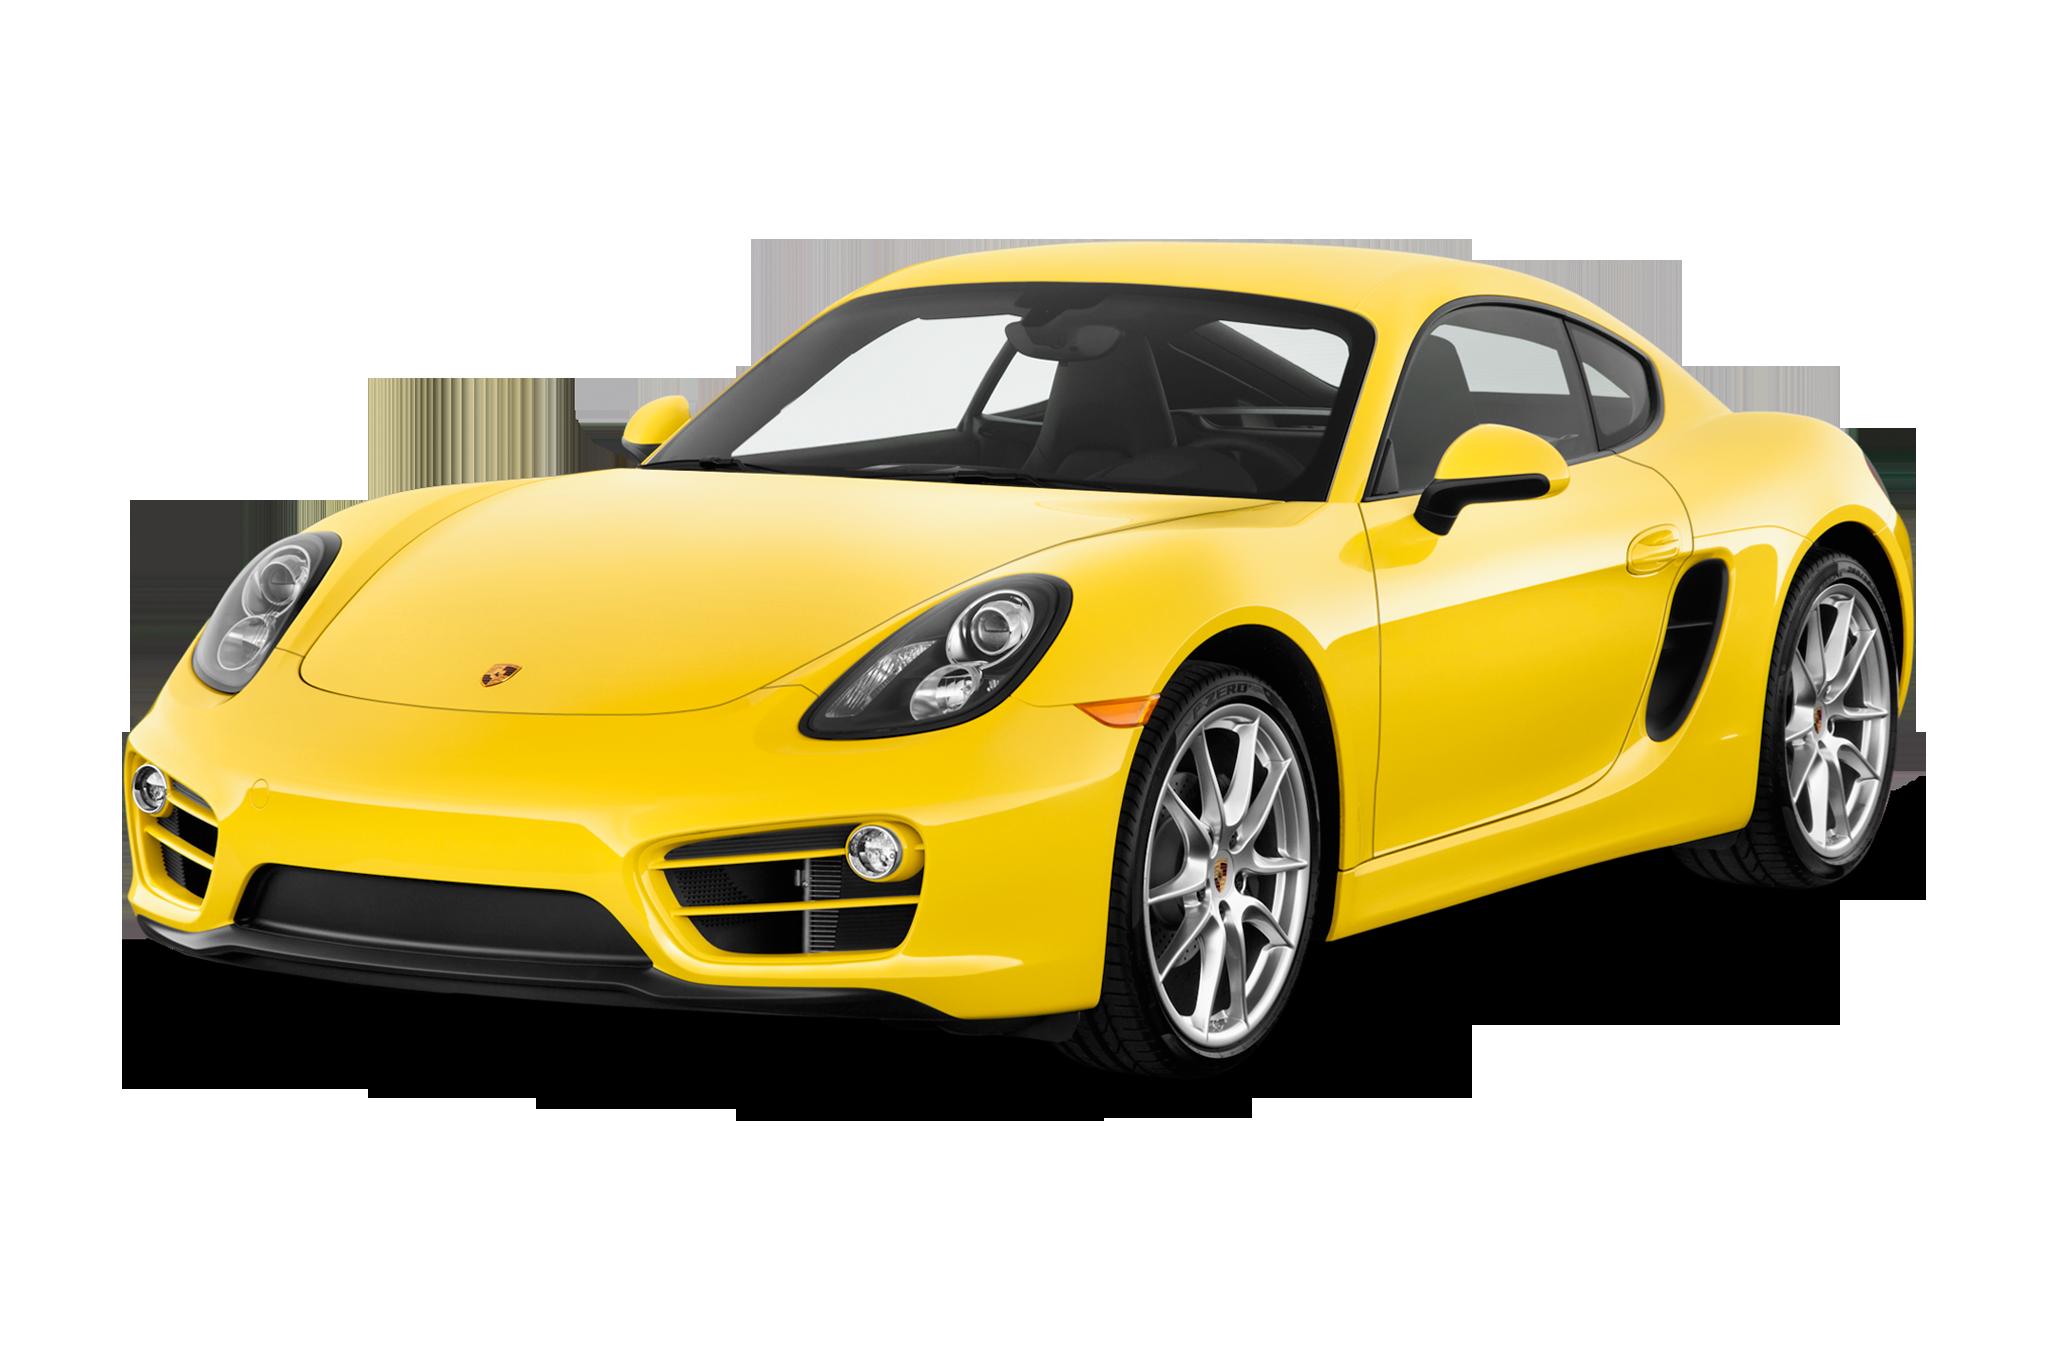 2016 Porsche Cayman Overview